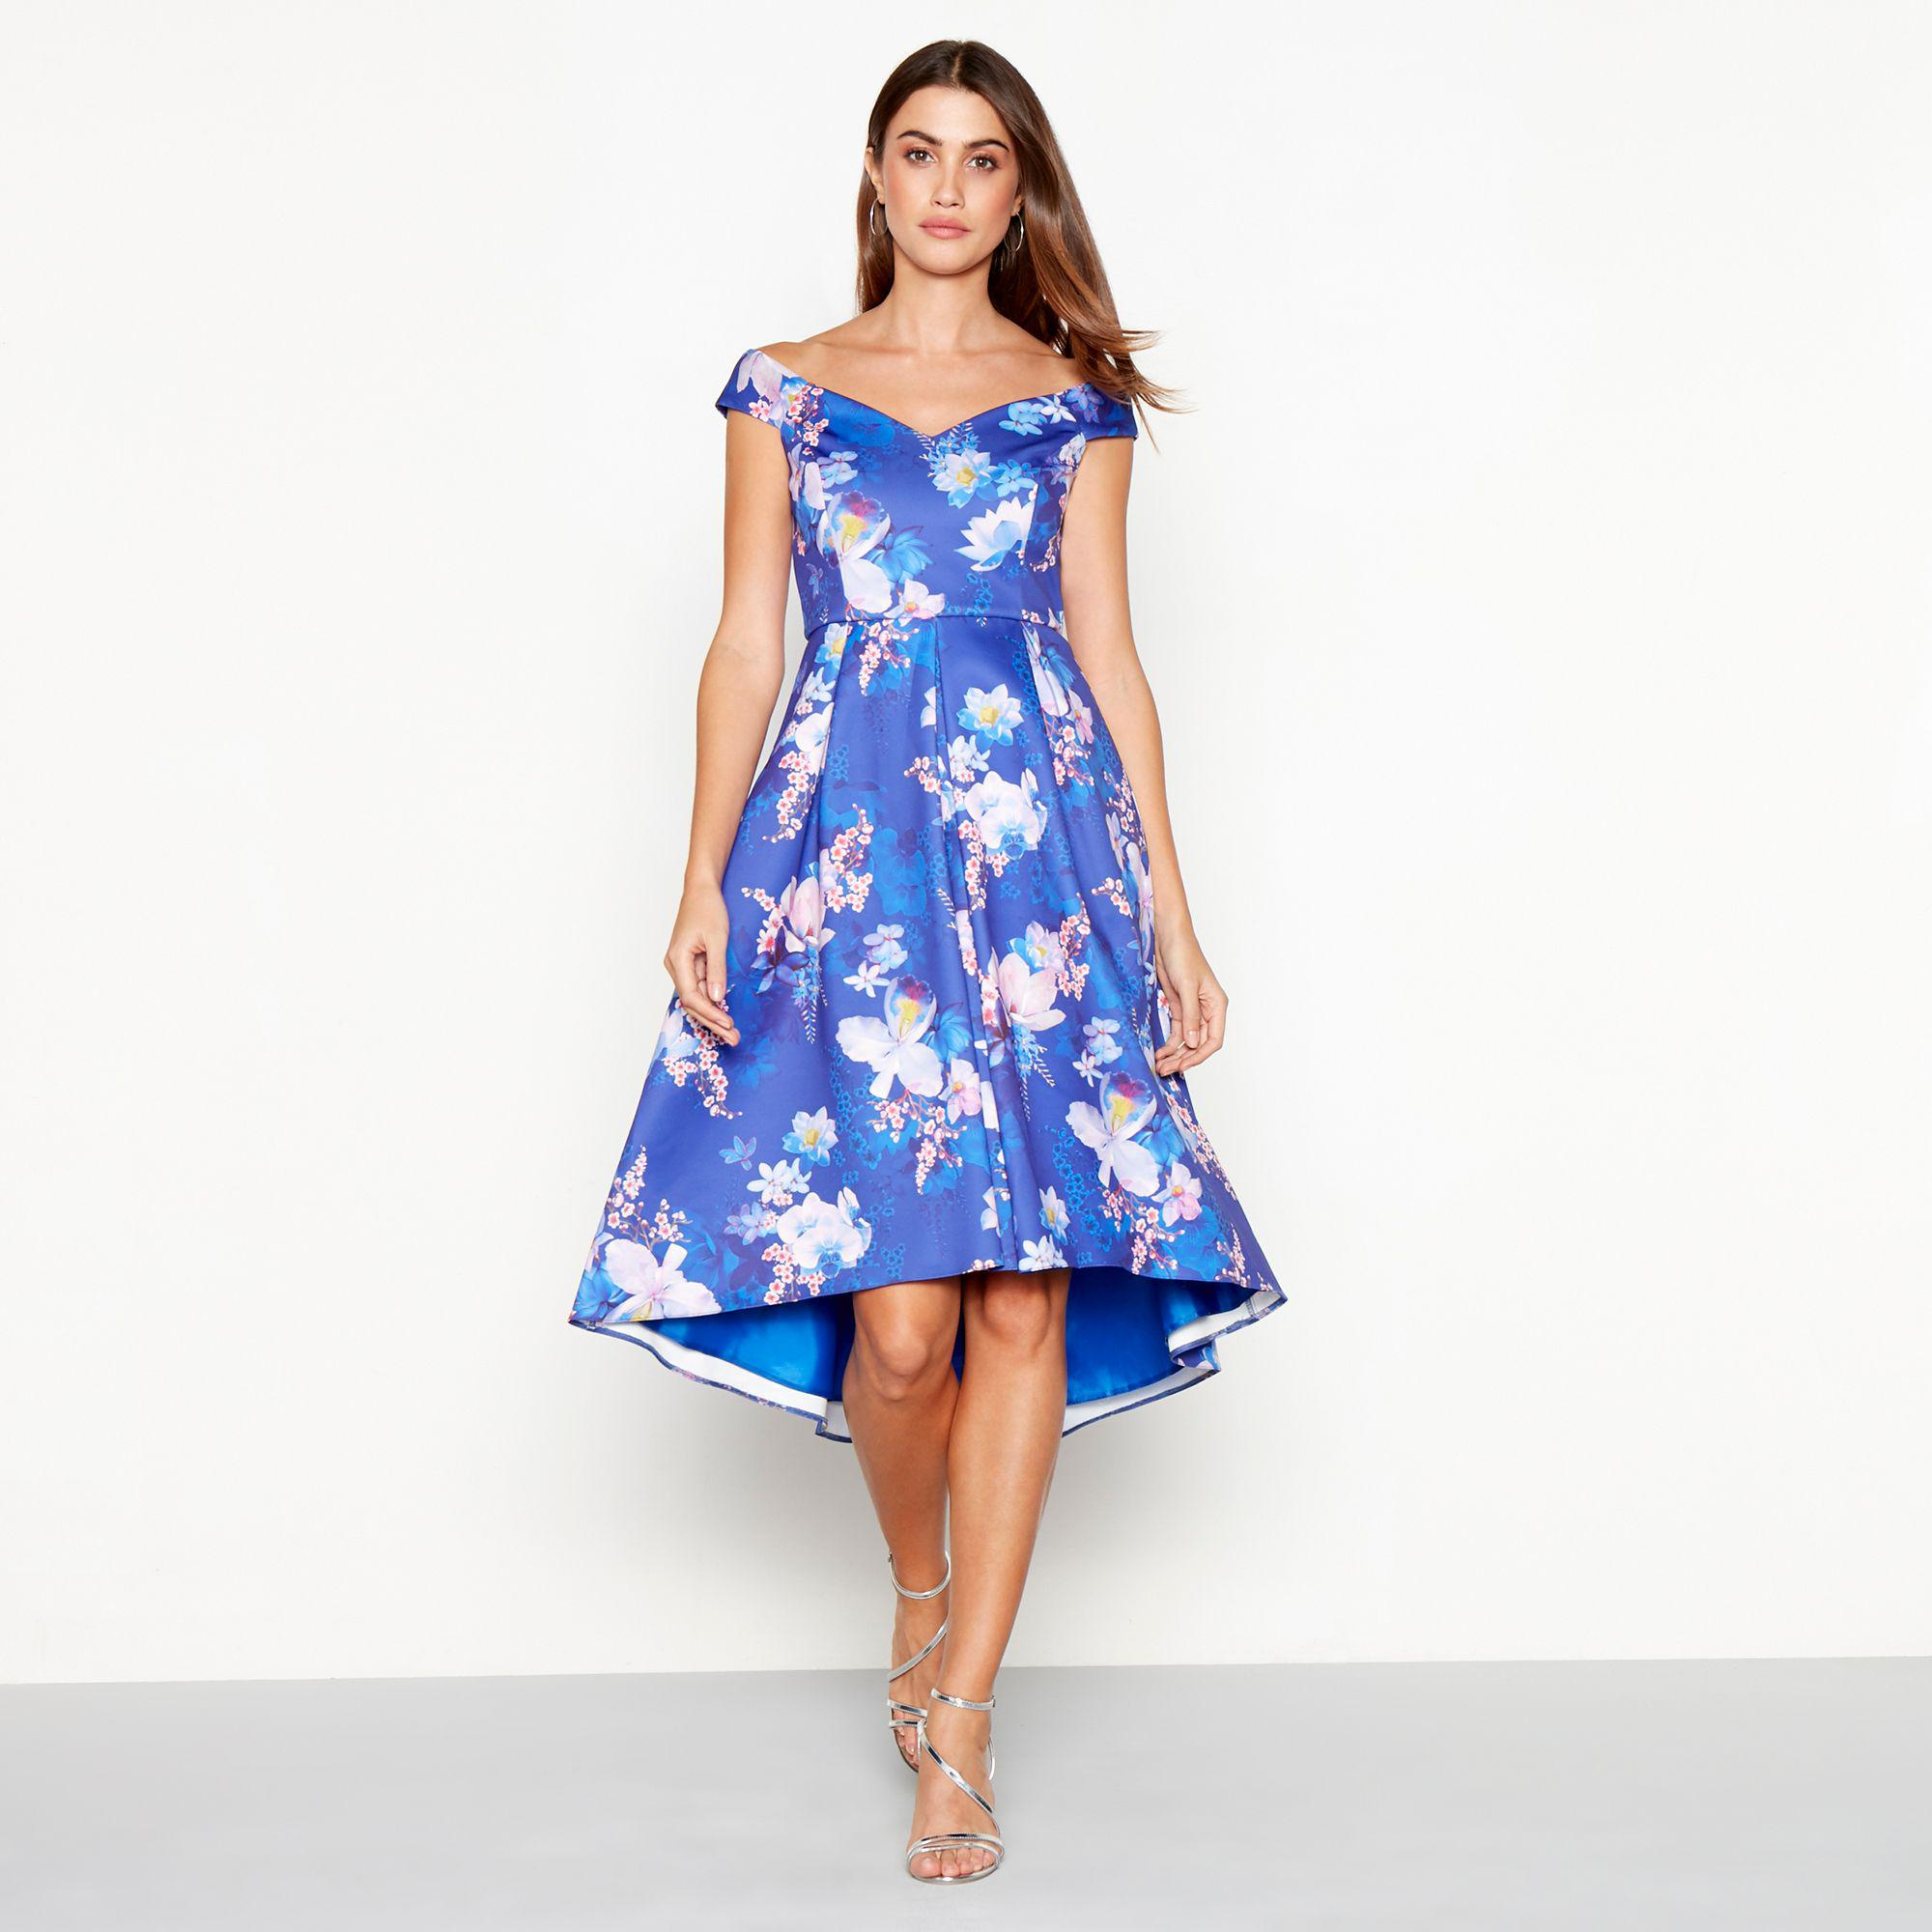 d33f2d569c Début Bright Blue Floral Print Scuba V-neck Short Sleeve High Low ...